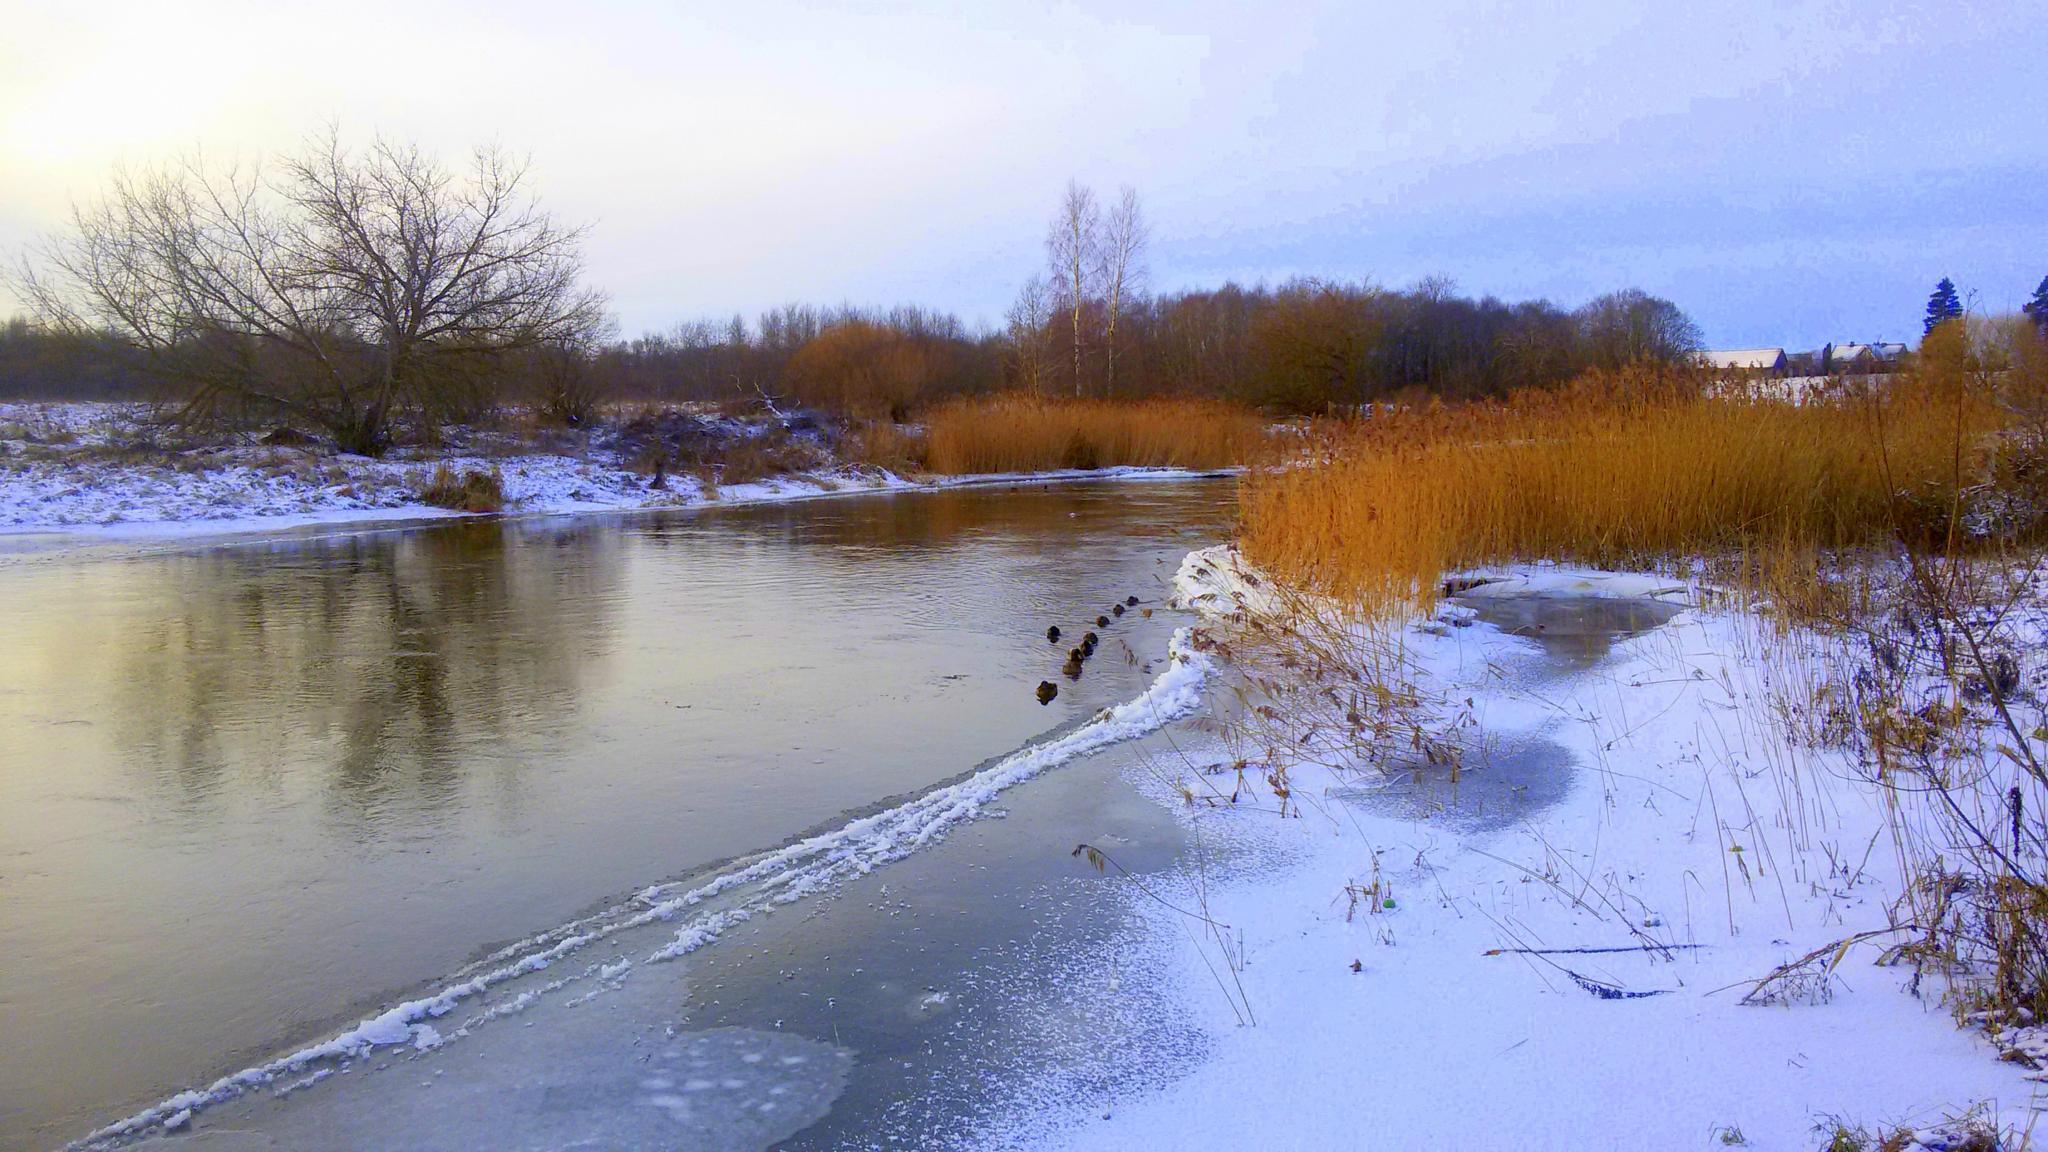 Winter on the River by Zita Užkuraitienė